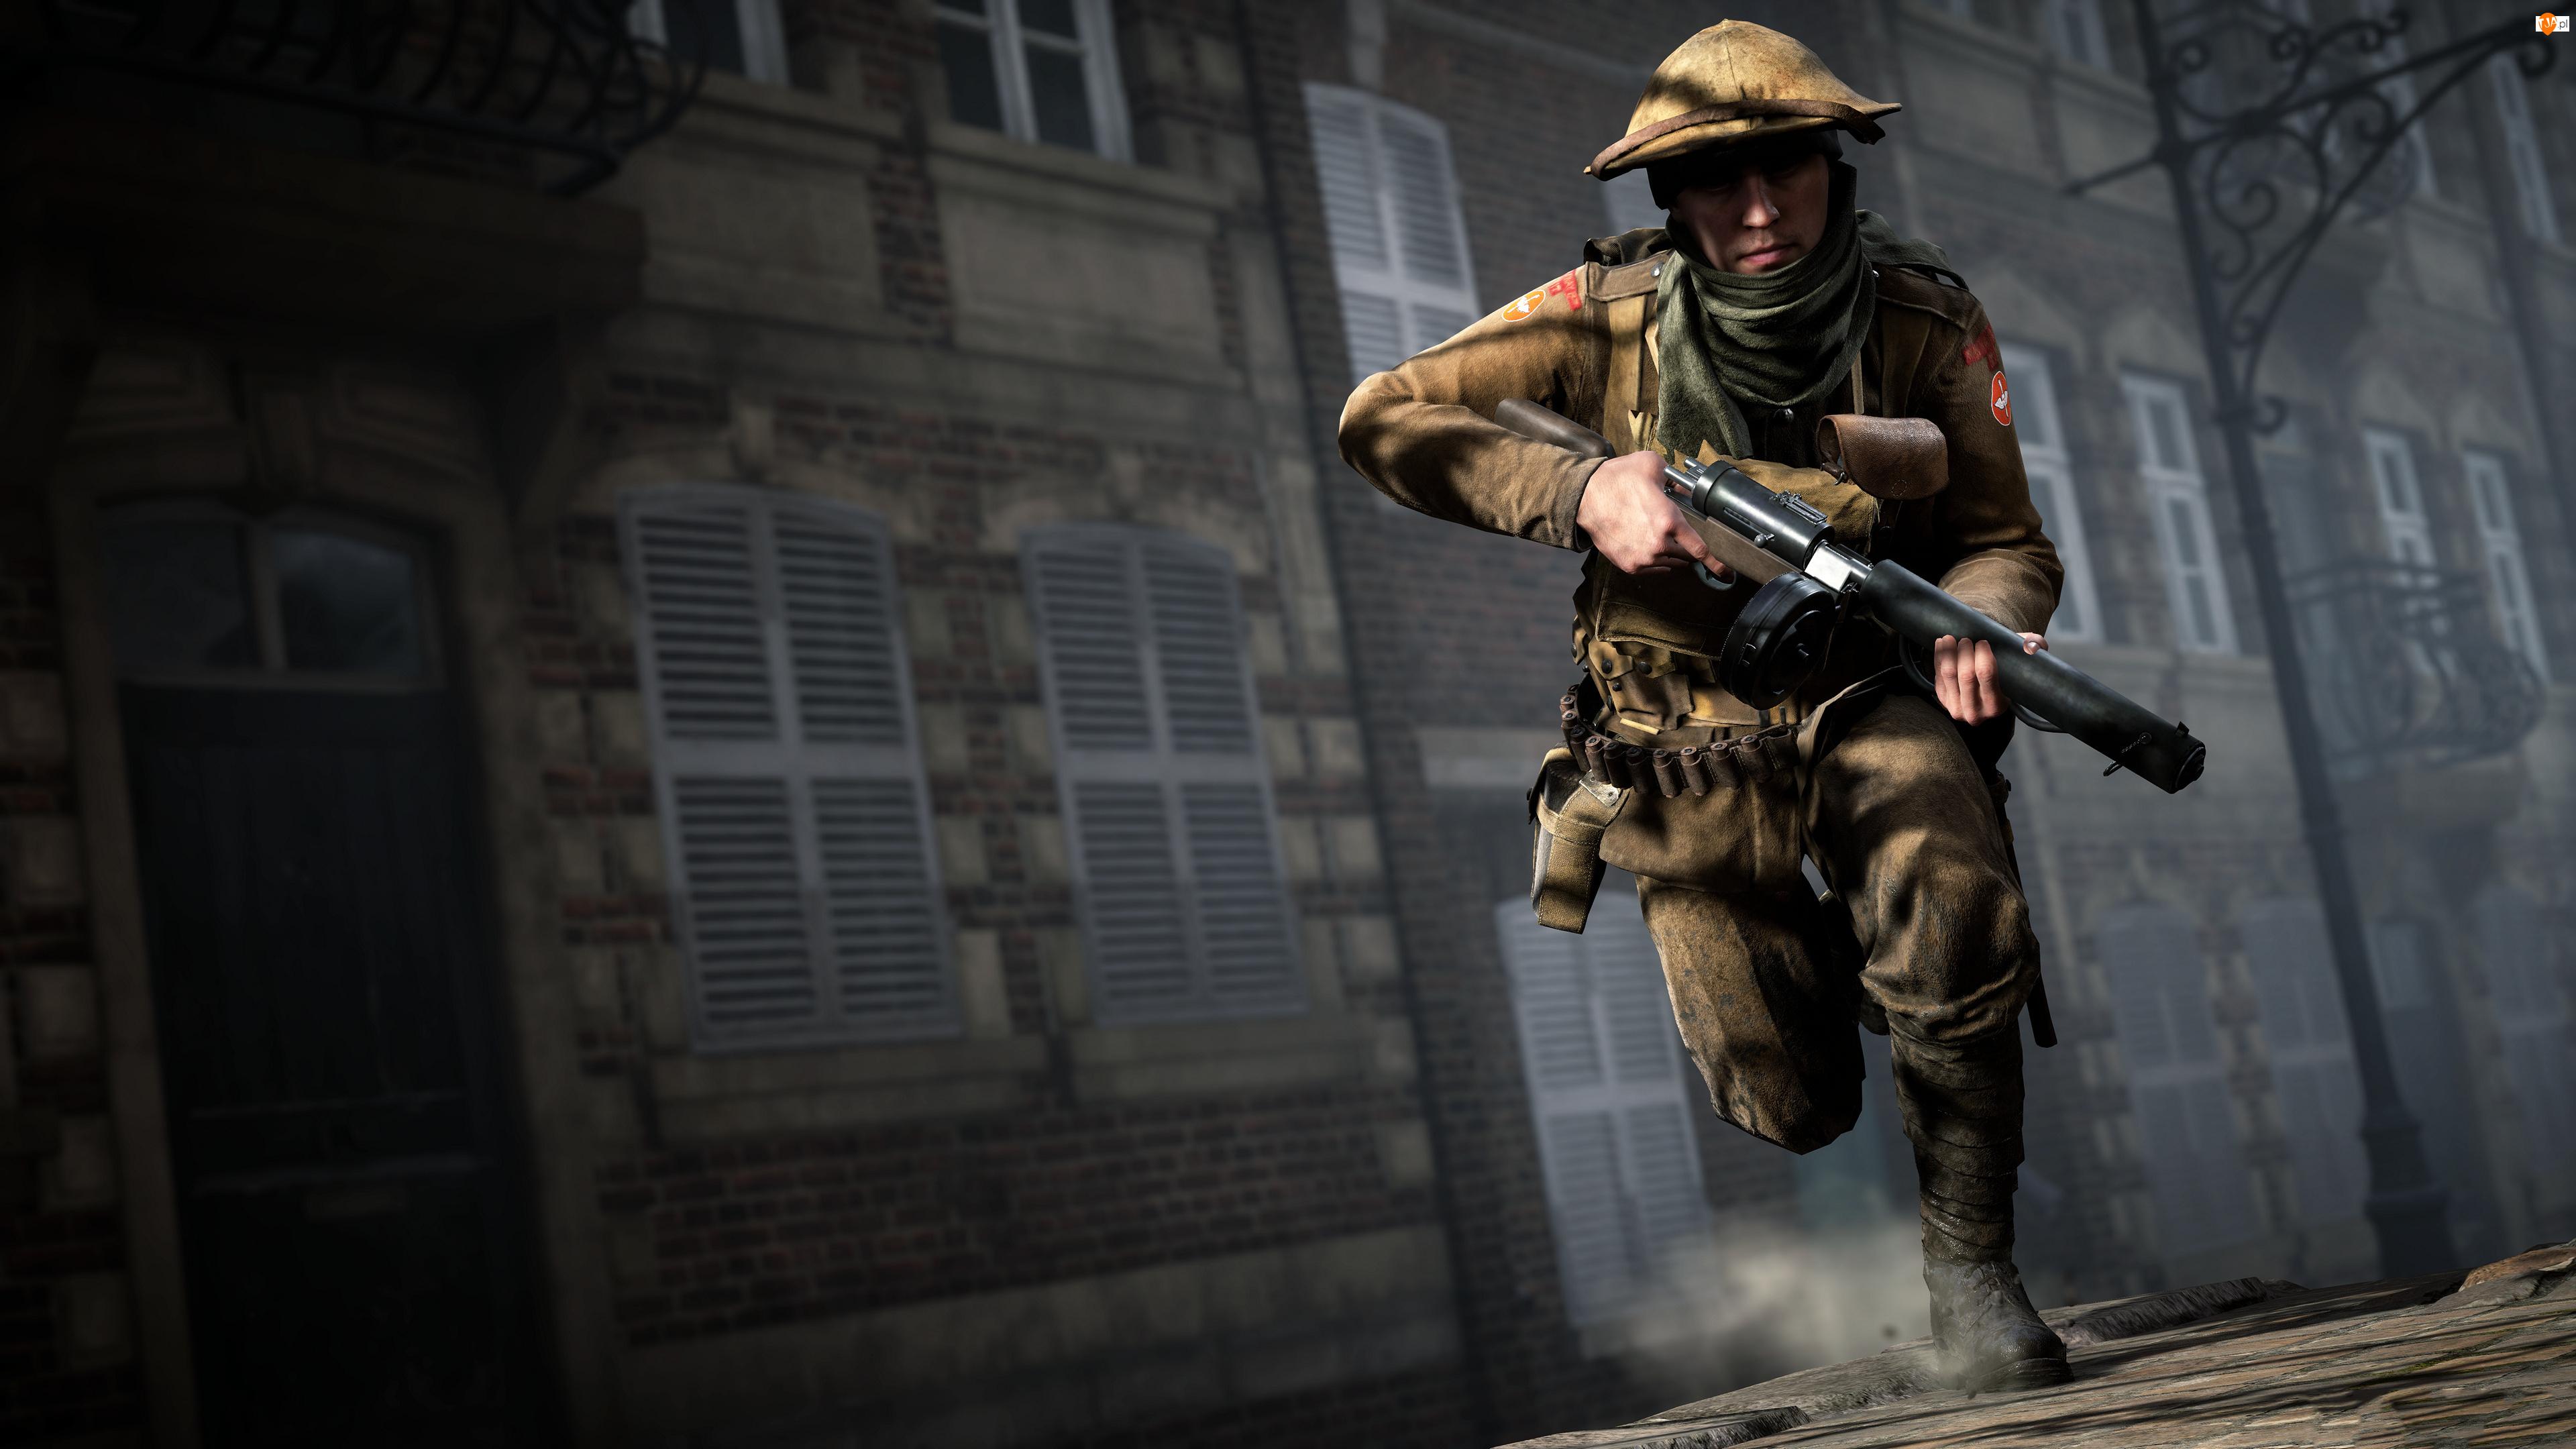 Pistolet maszynowy, Battlefield 1, Żołnierz